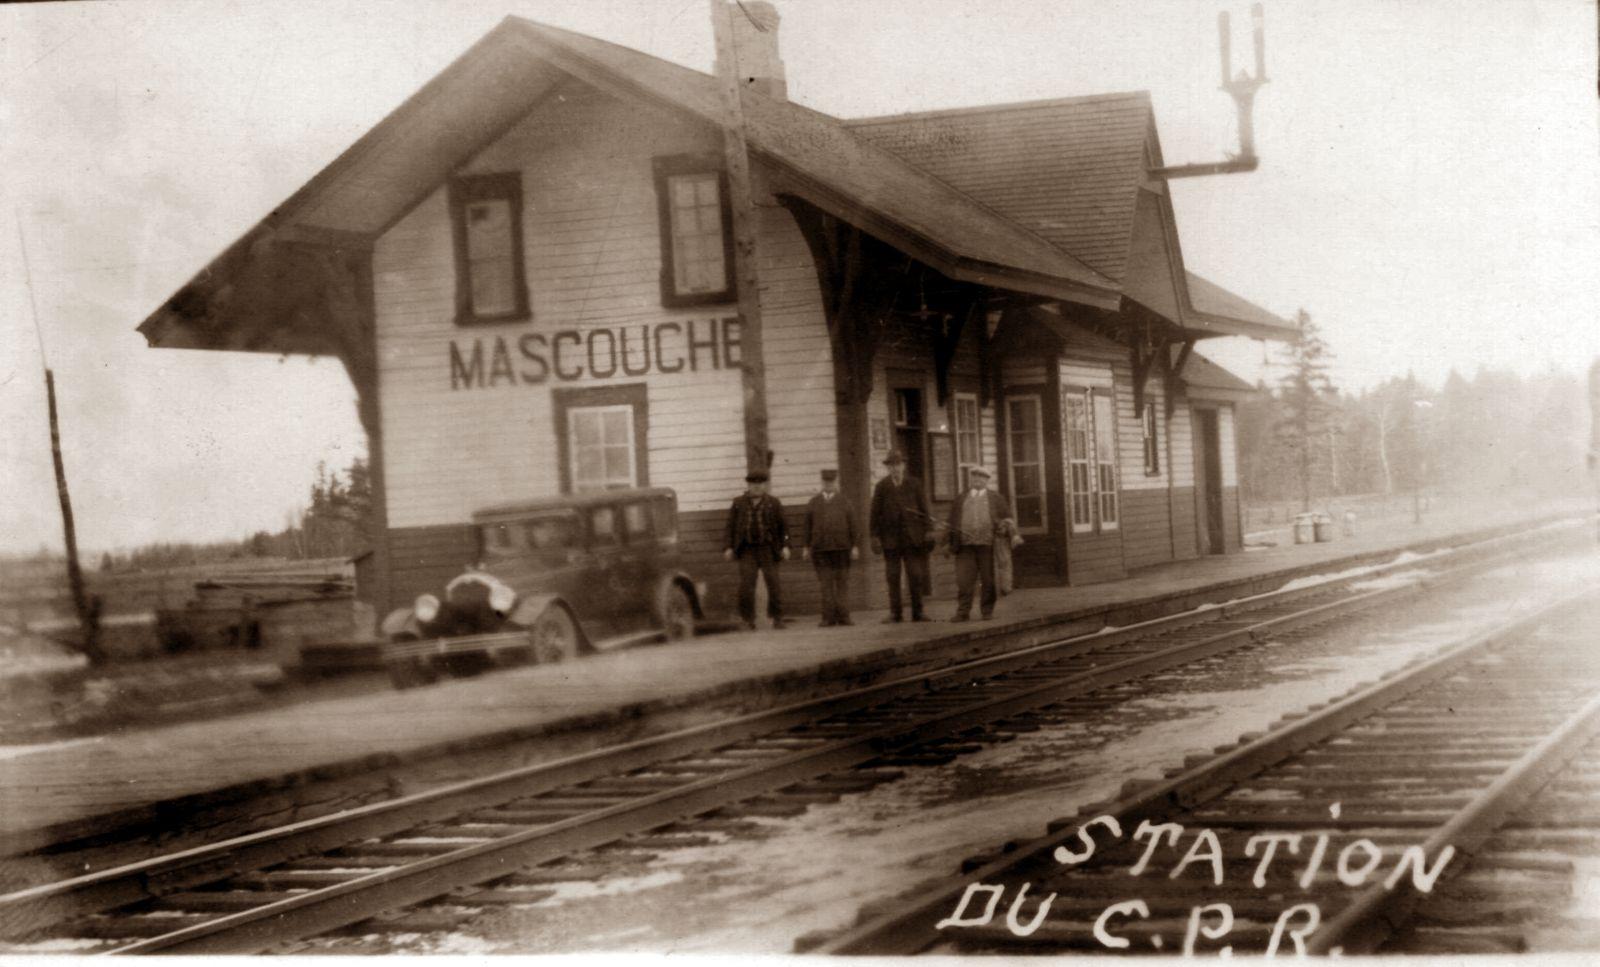 Le rail du CP passe sur 9,5km depuis 1879 à Mascouche. La gare du village était située non loin du chemin Sainte-Marie. Photo avant 1920. Collection : Aimé-Despatis